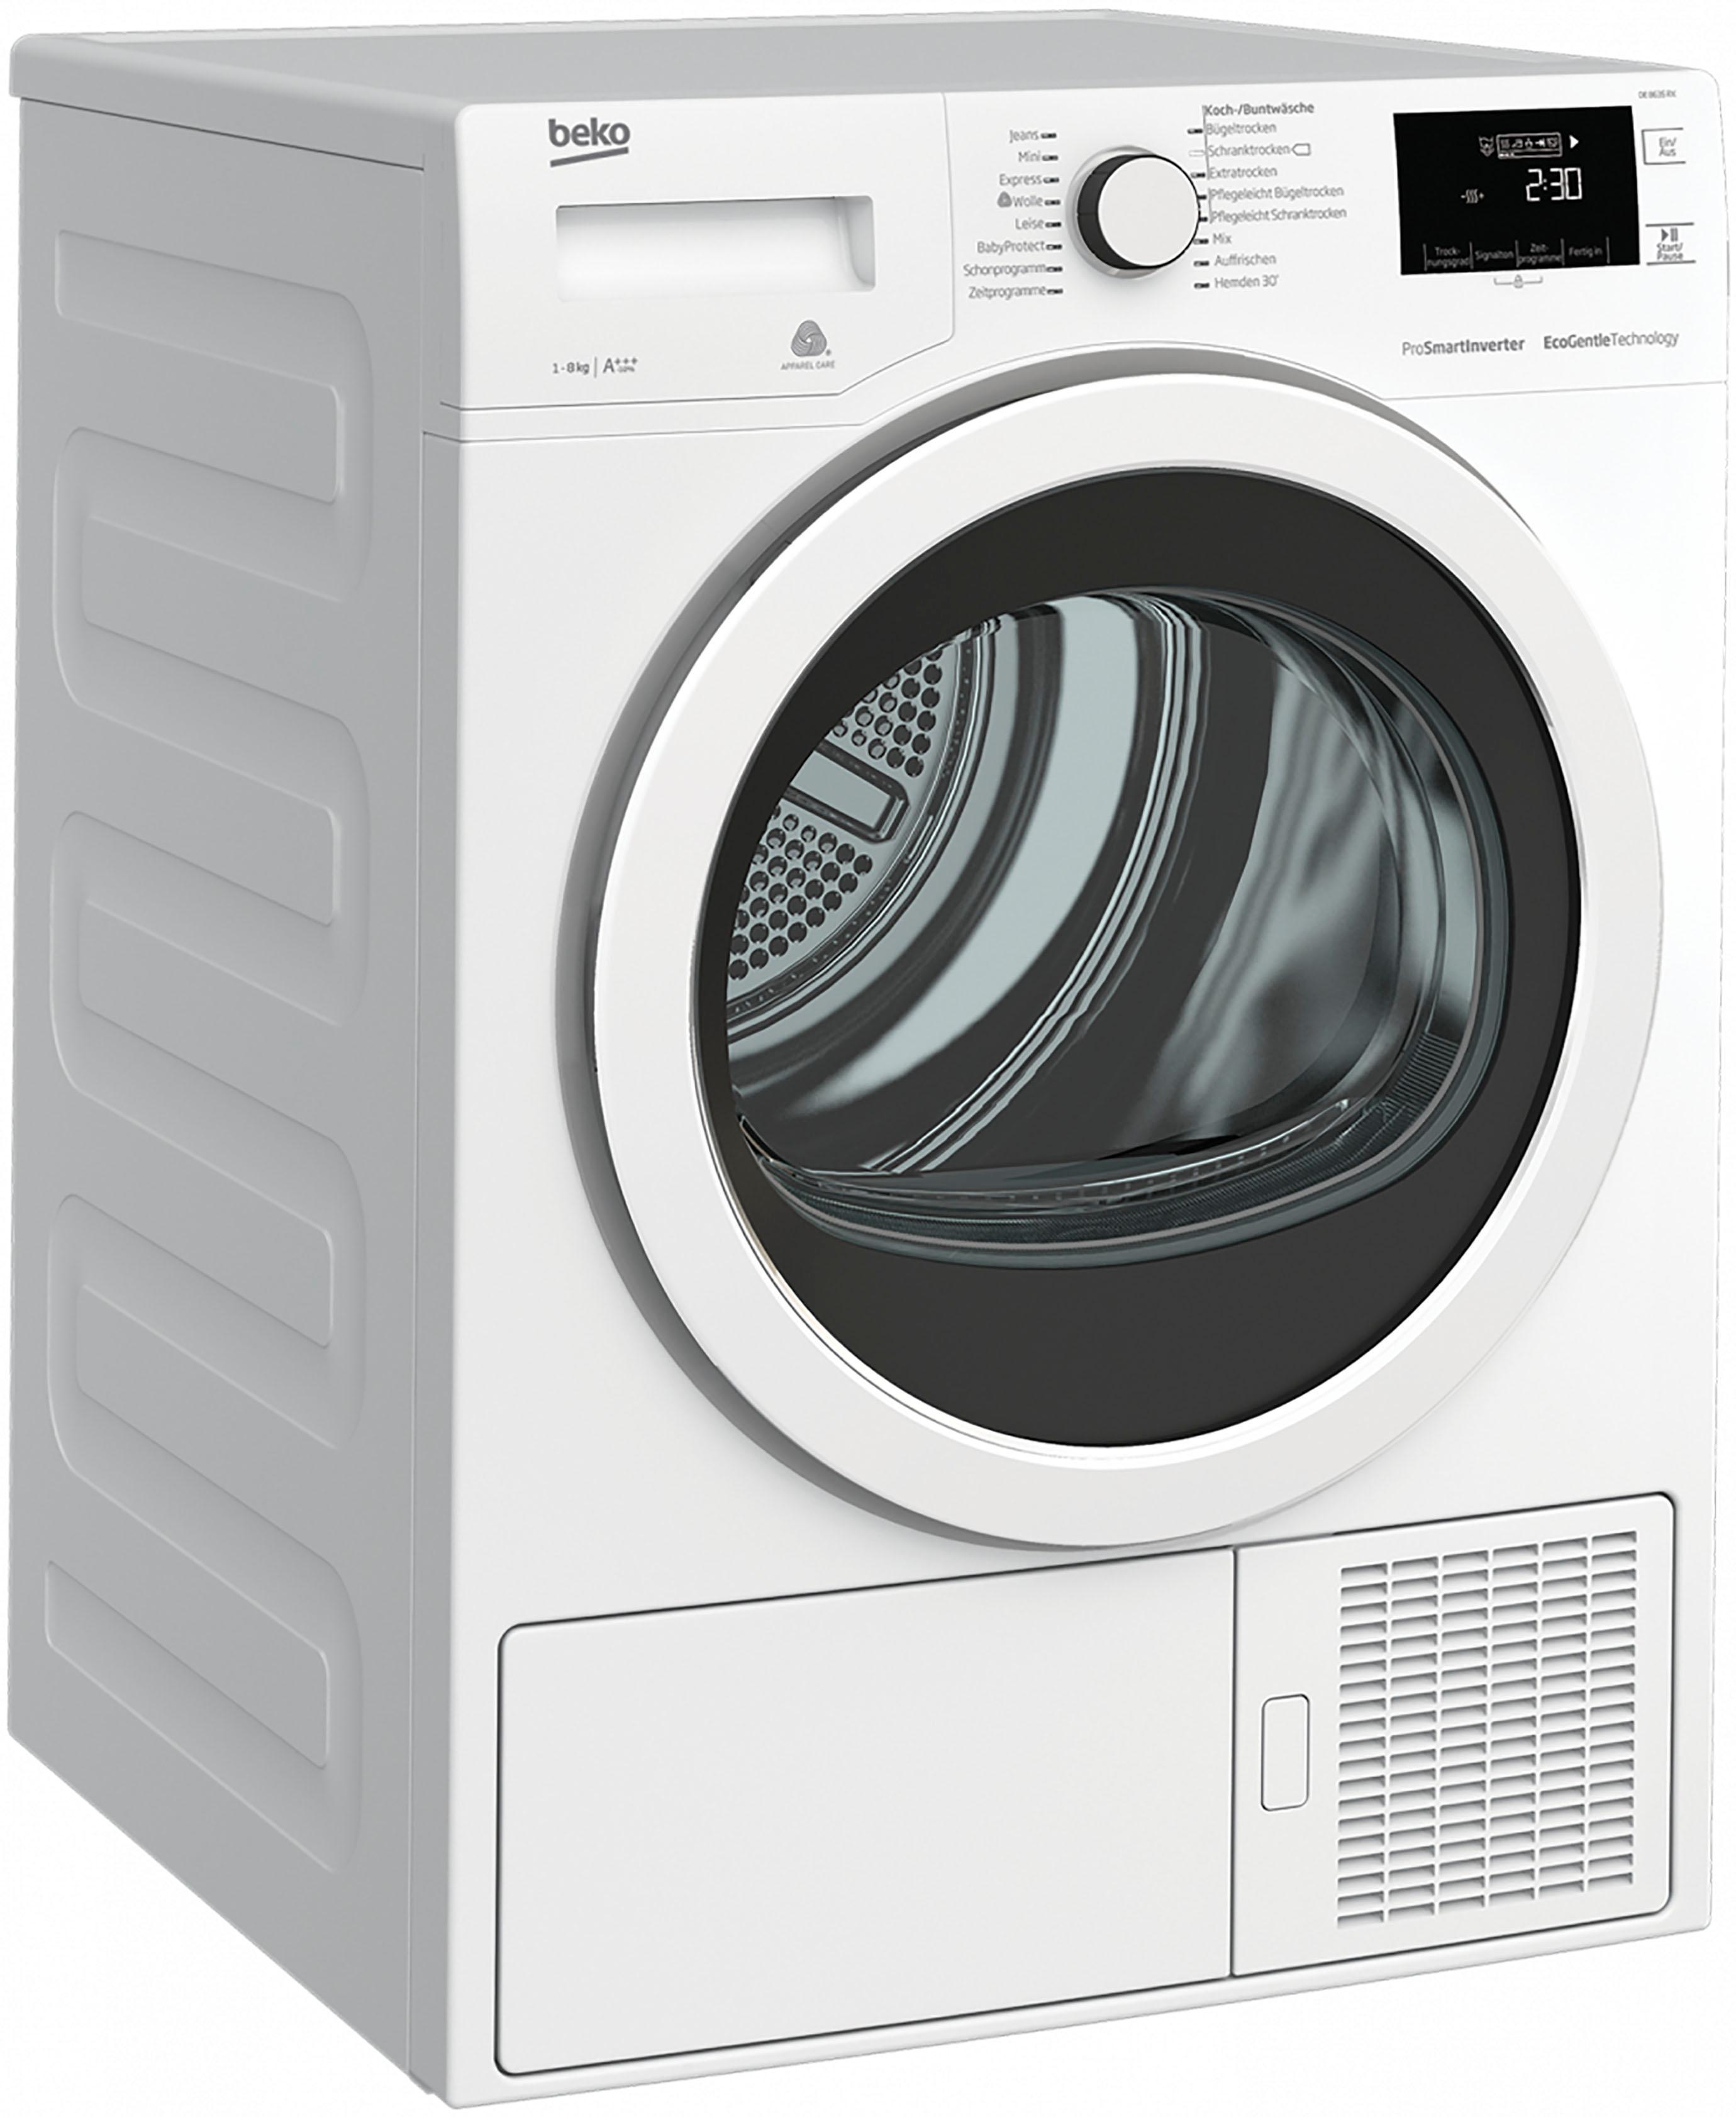 BEKO Wärmepumpentrockner DE8635RX, 8 kg | Bad > Waschmaschinen und Trockner > Wärmepumpentrockner | Weiß | BEKO